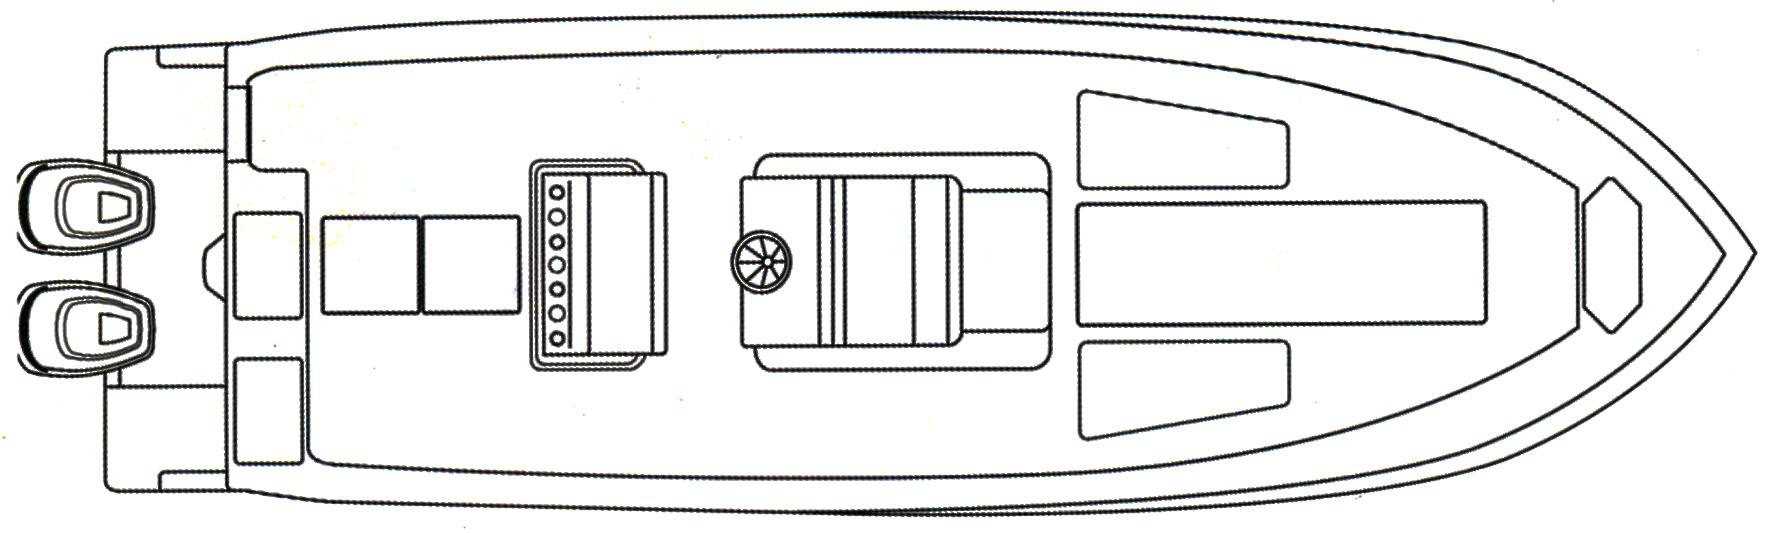 290 Open Floor Plan 1